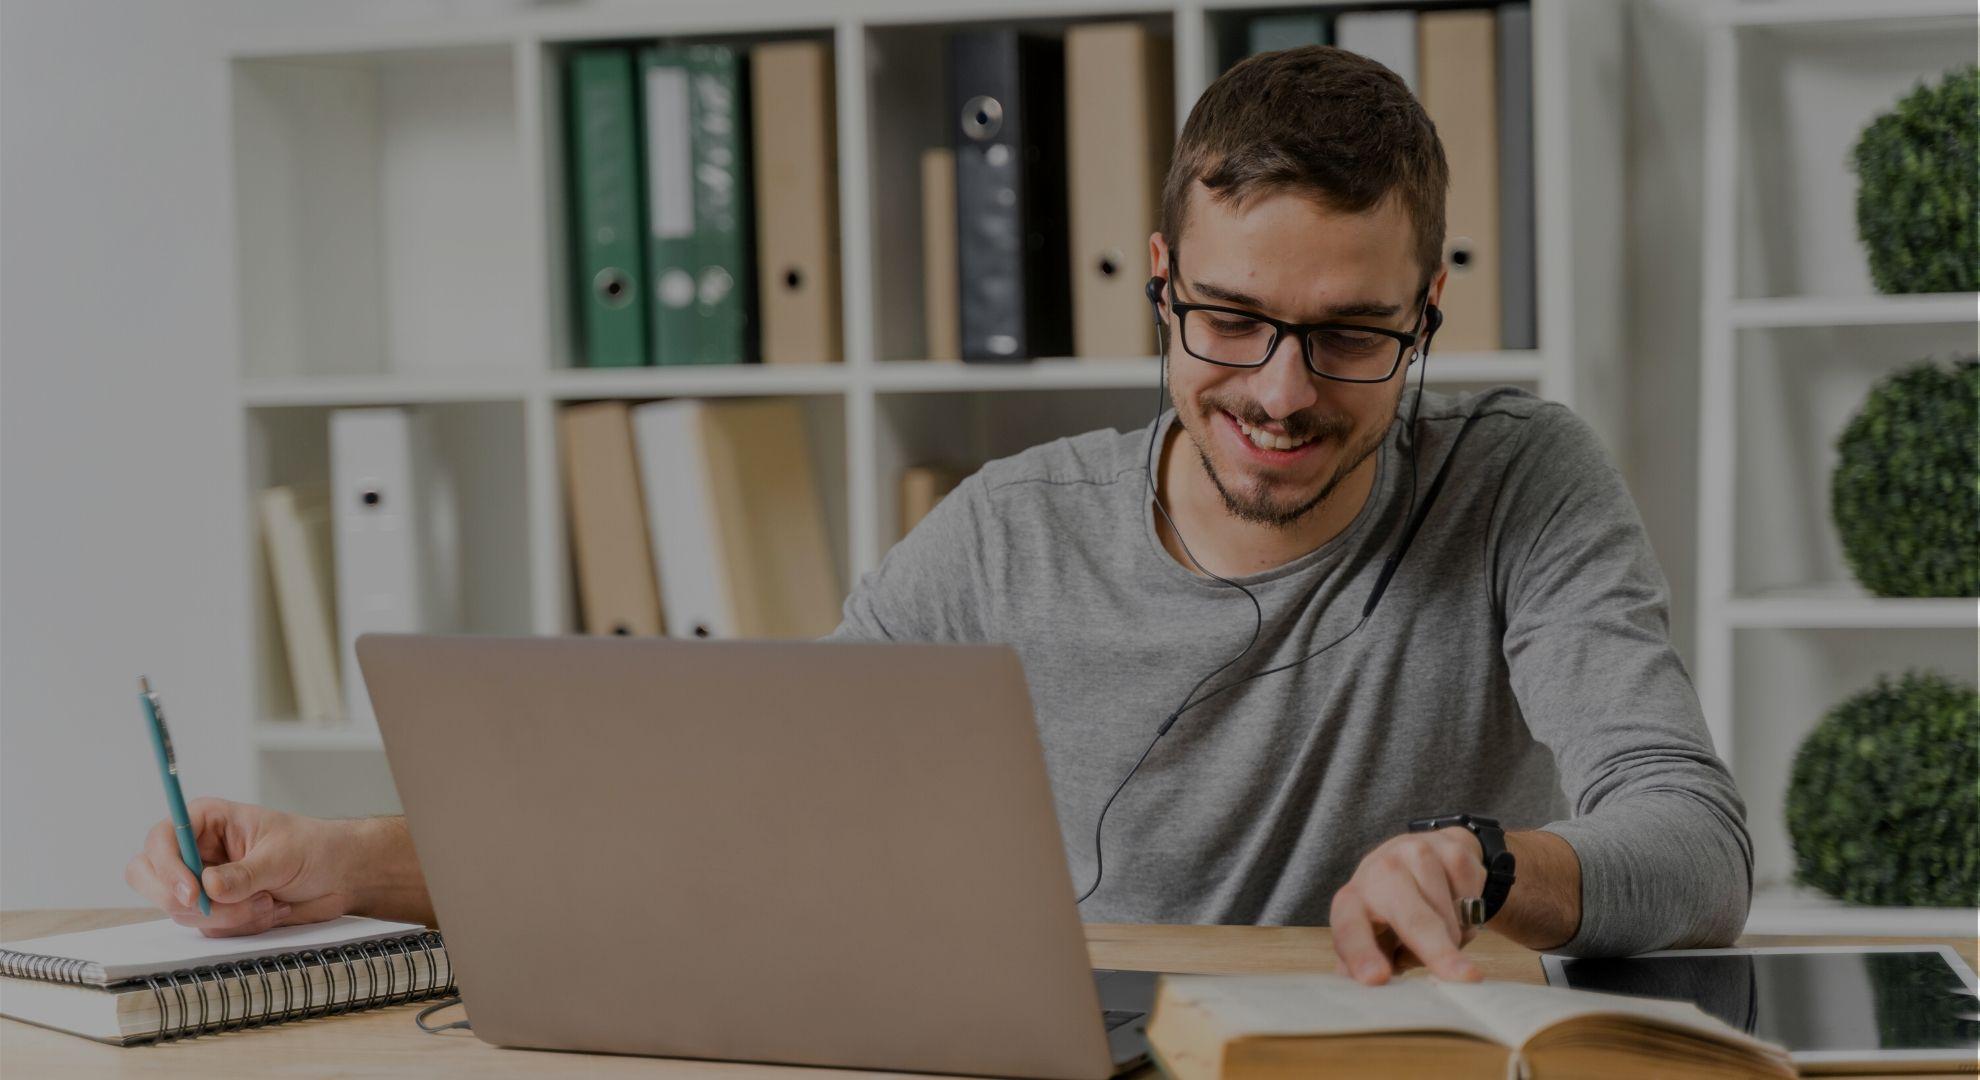 ¿Cómo aumentar tu productividad laboral?